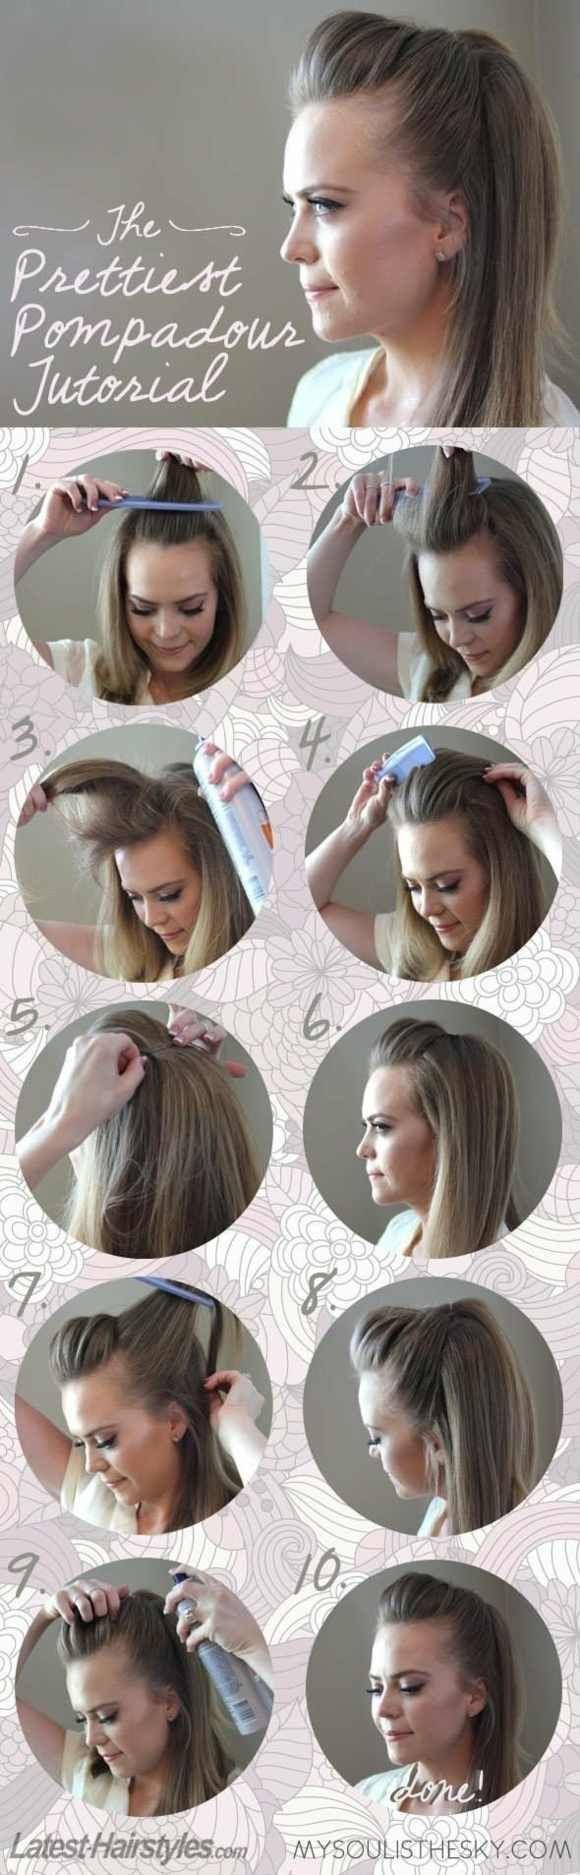 idée coiffure facile pour femme 01 via http://ift.tt/2axo7TJ